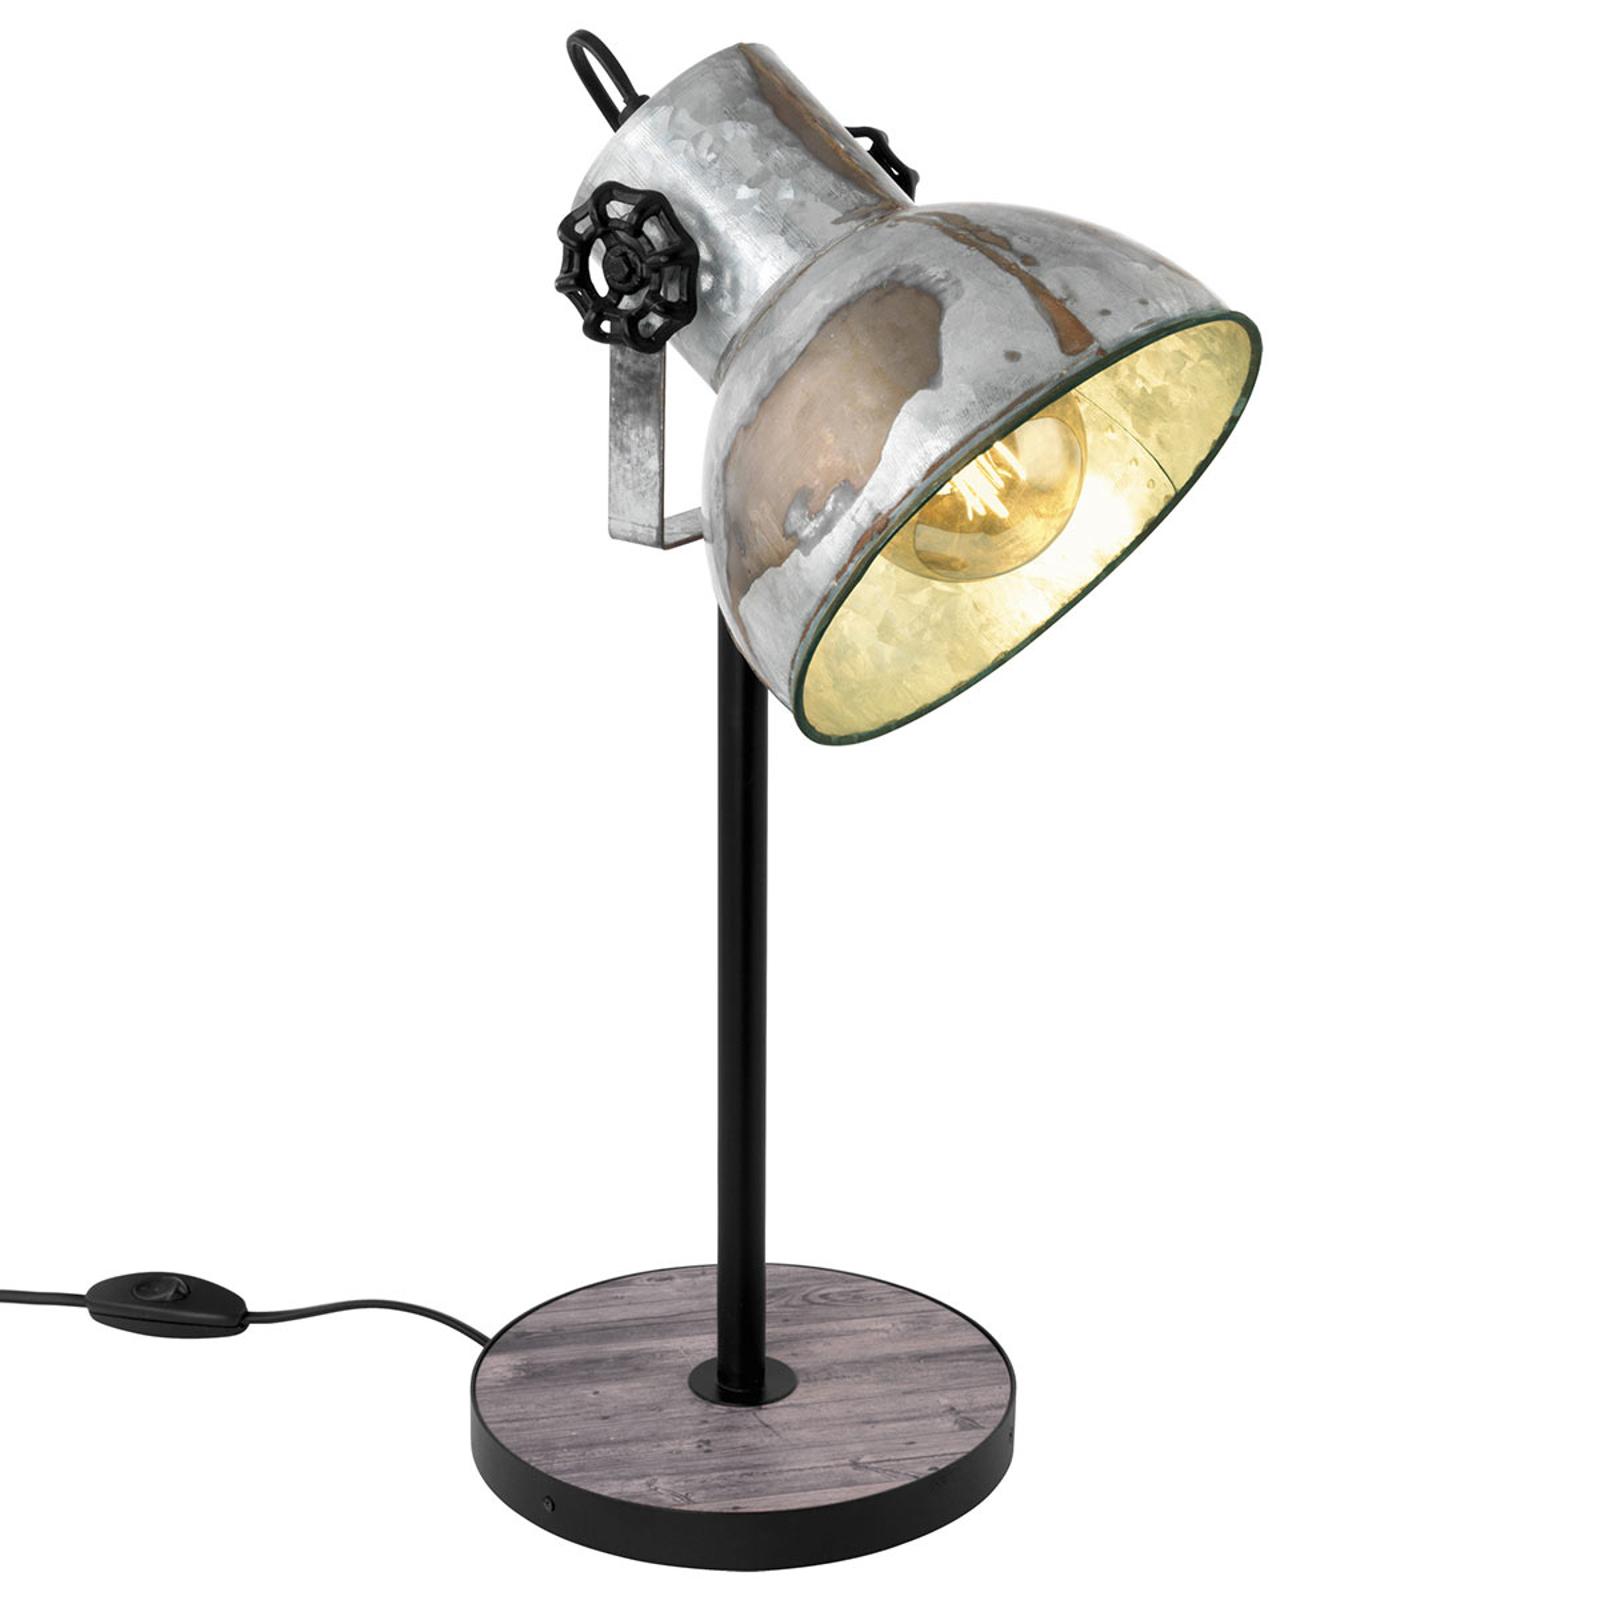 Tafellamp Barnstaple in industrie-design